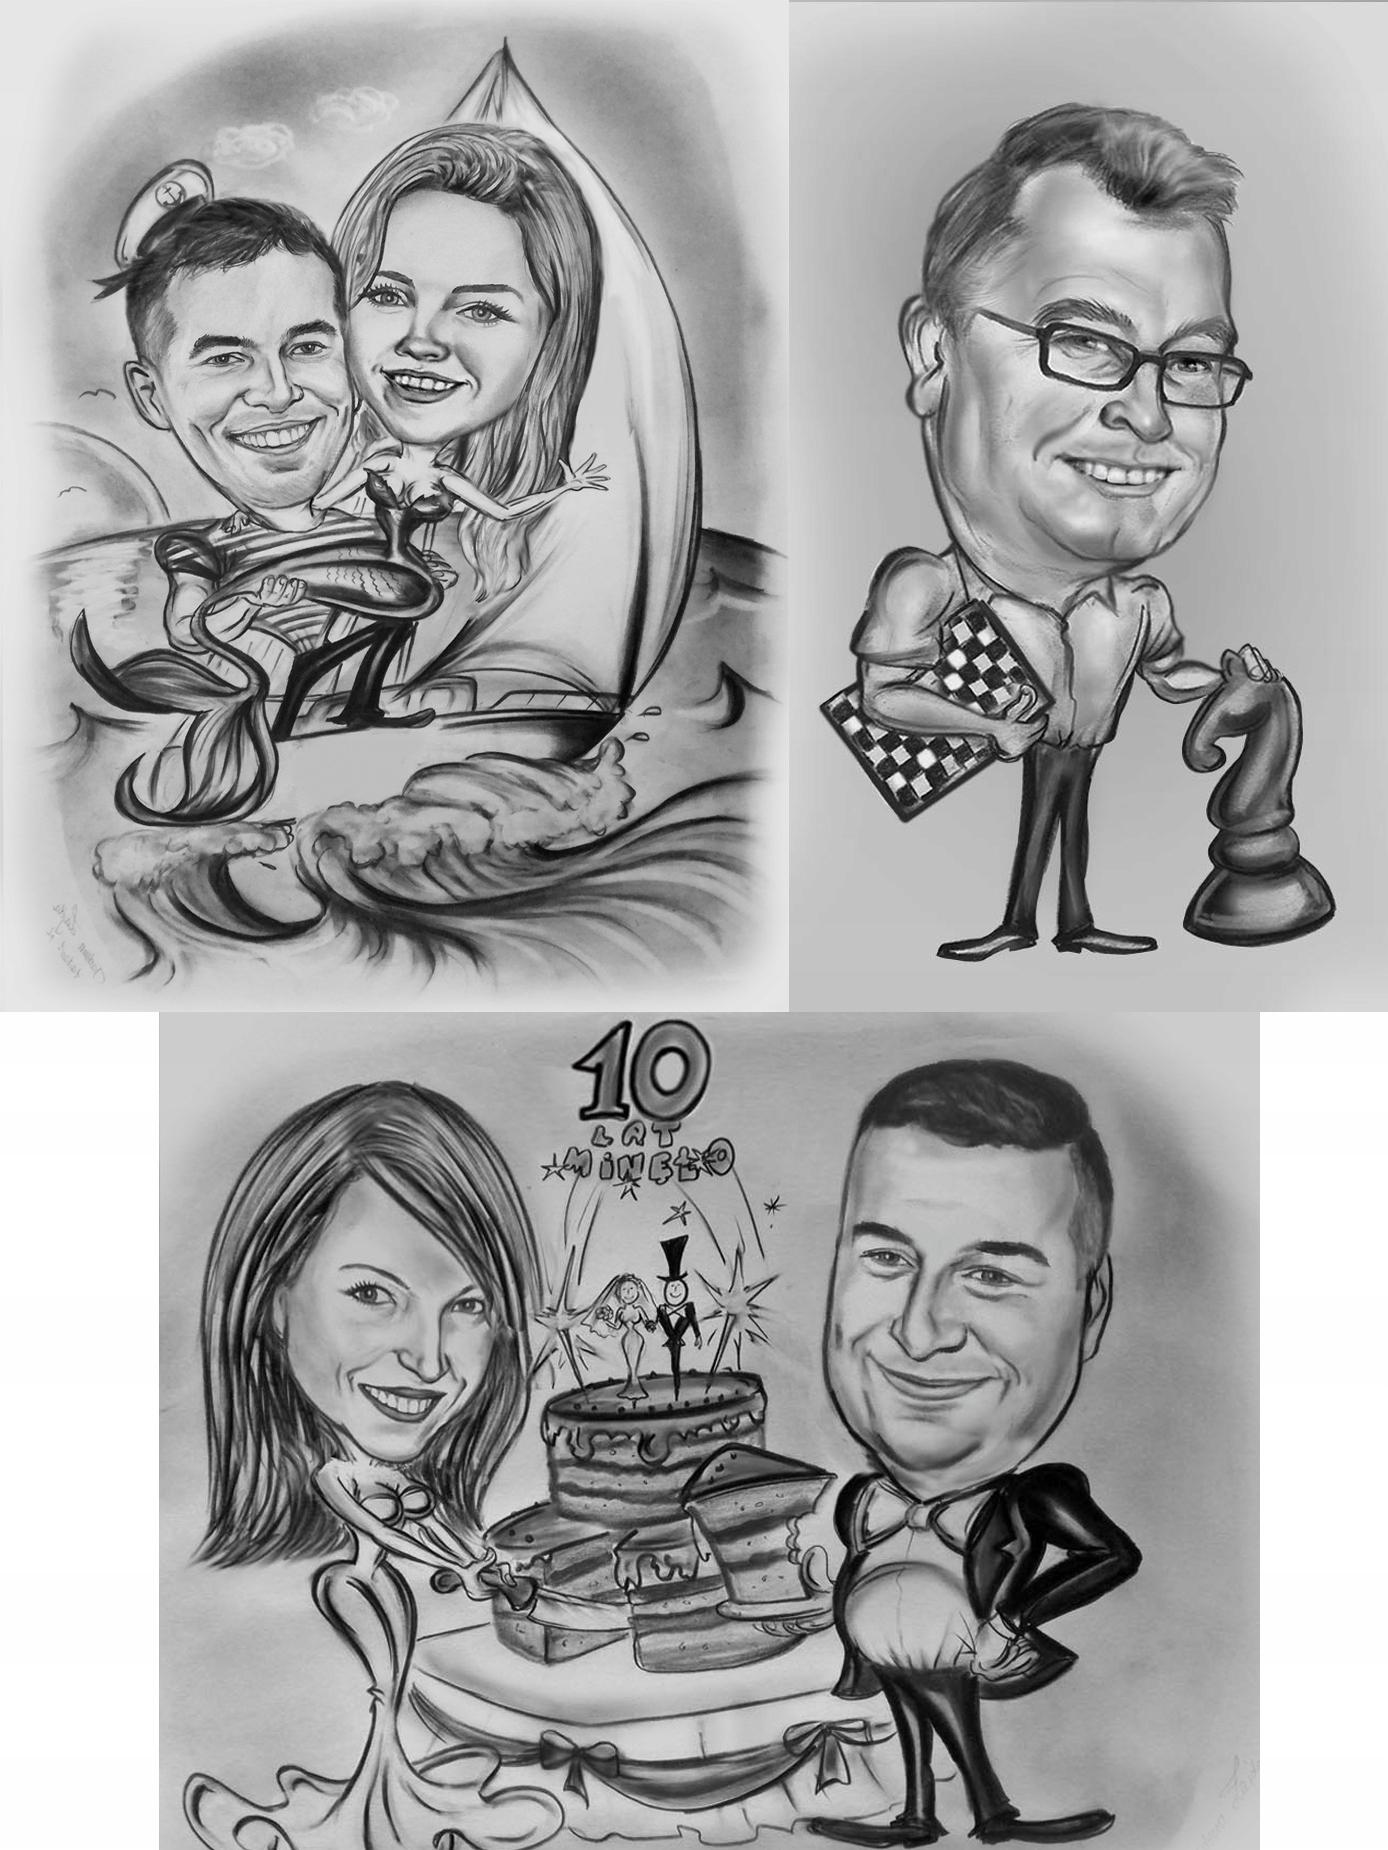 КАРИКАТУРА подарок на 10 25 лет со дня свадьбы родителей